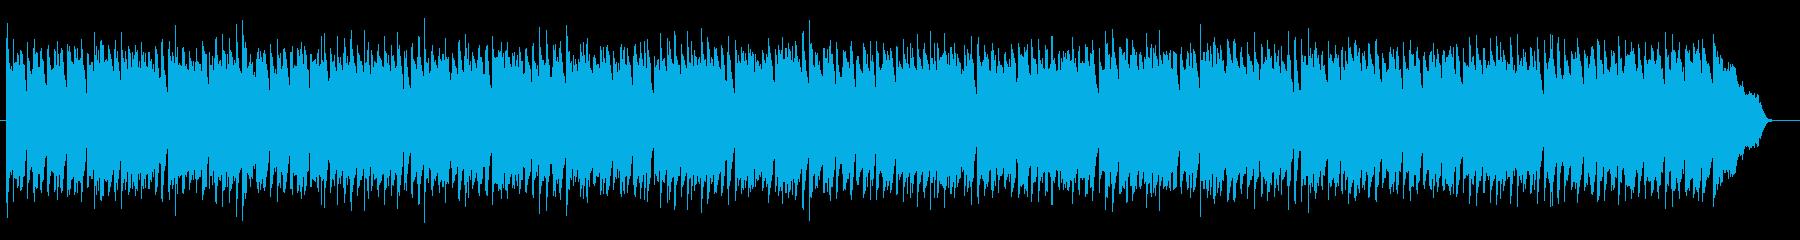 ワルツ風、ふわふわした感じのBGMの再生済みの波形